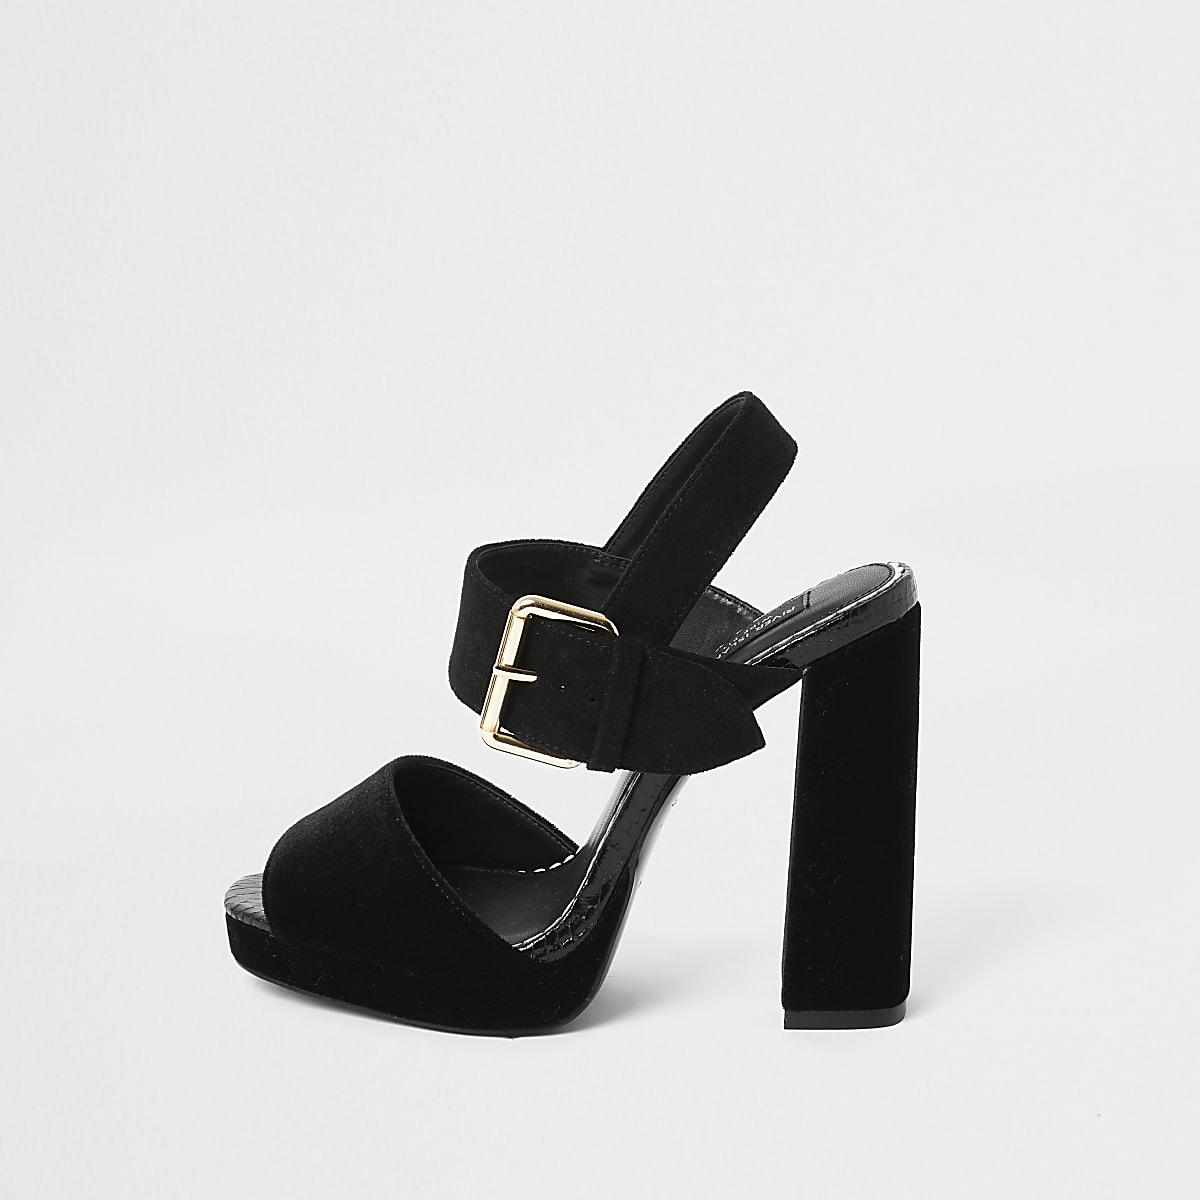 Black velvet wide fit platform heel sandals